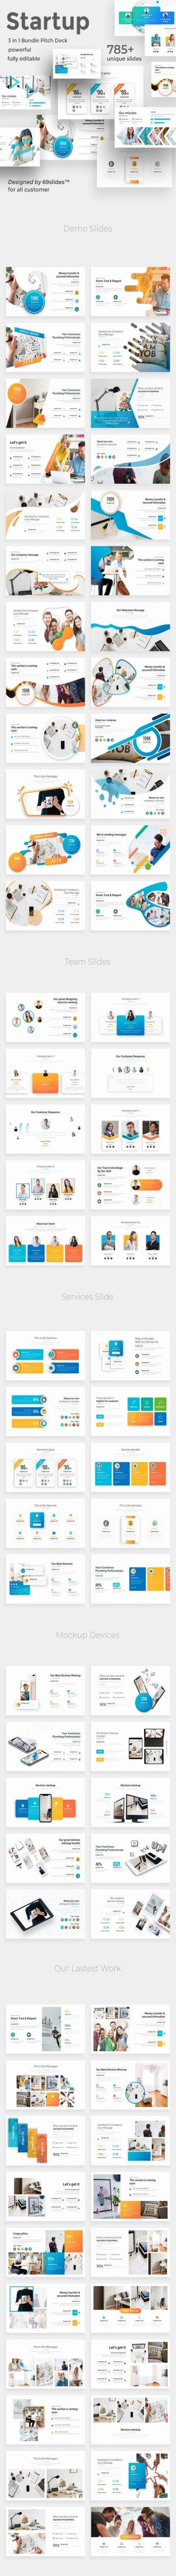 Super Medical Design Presentation Ideas #medical #design